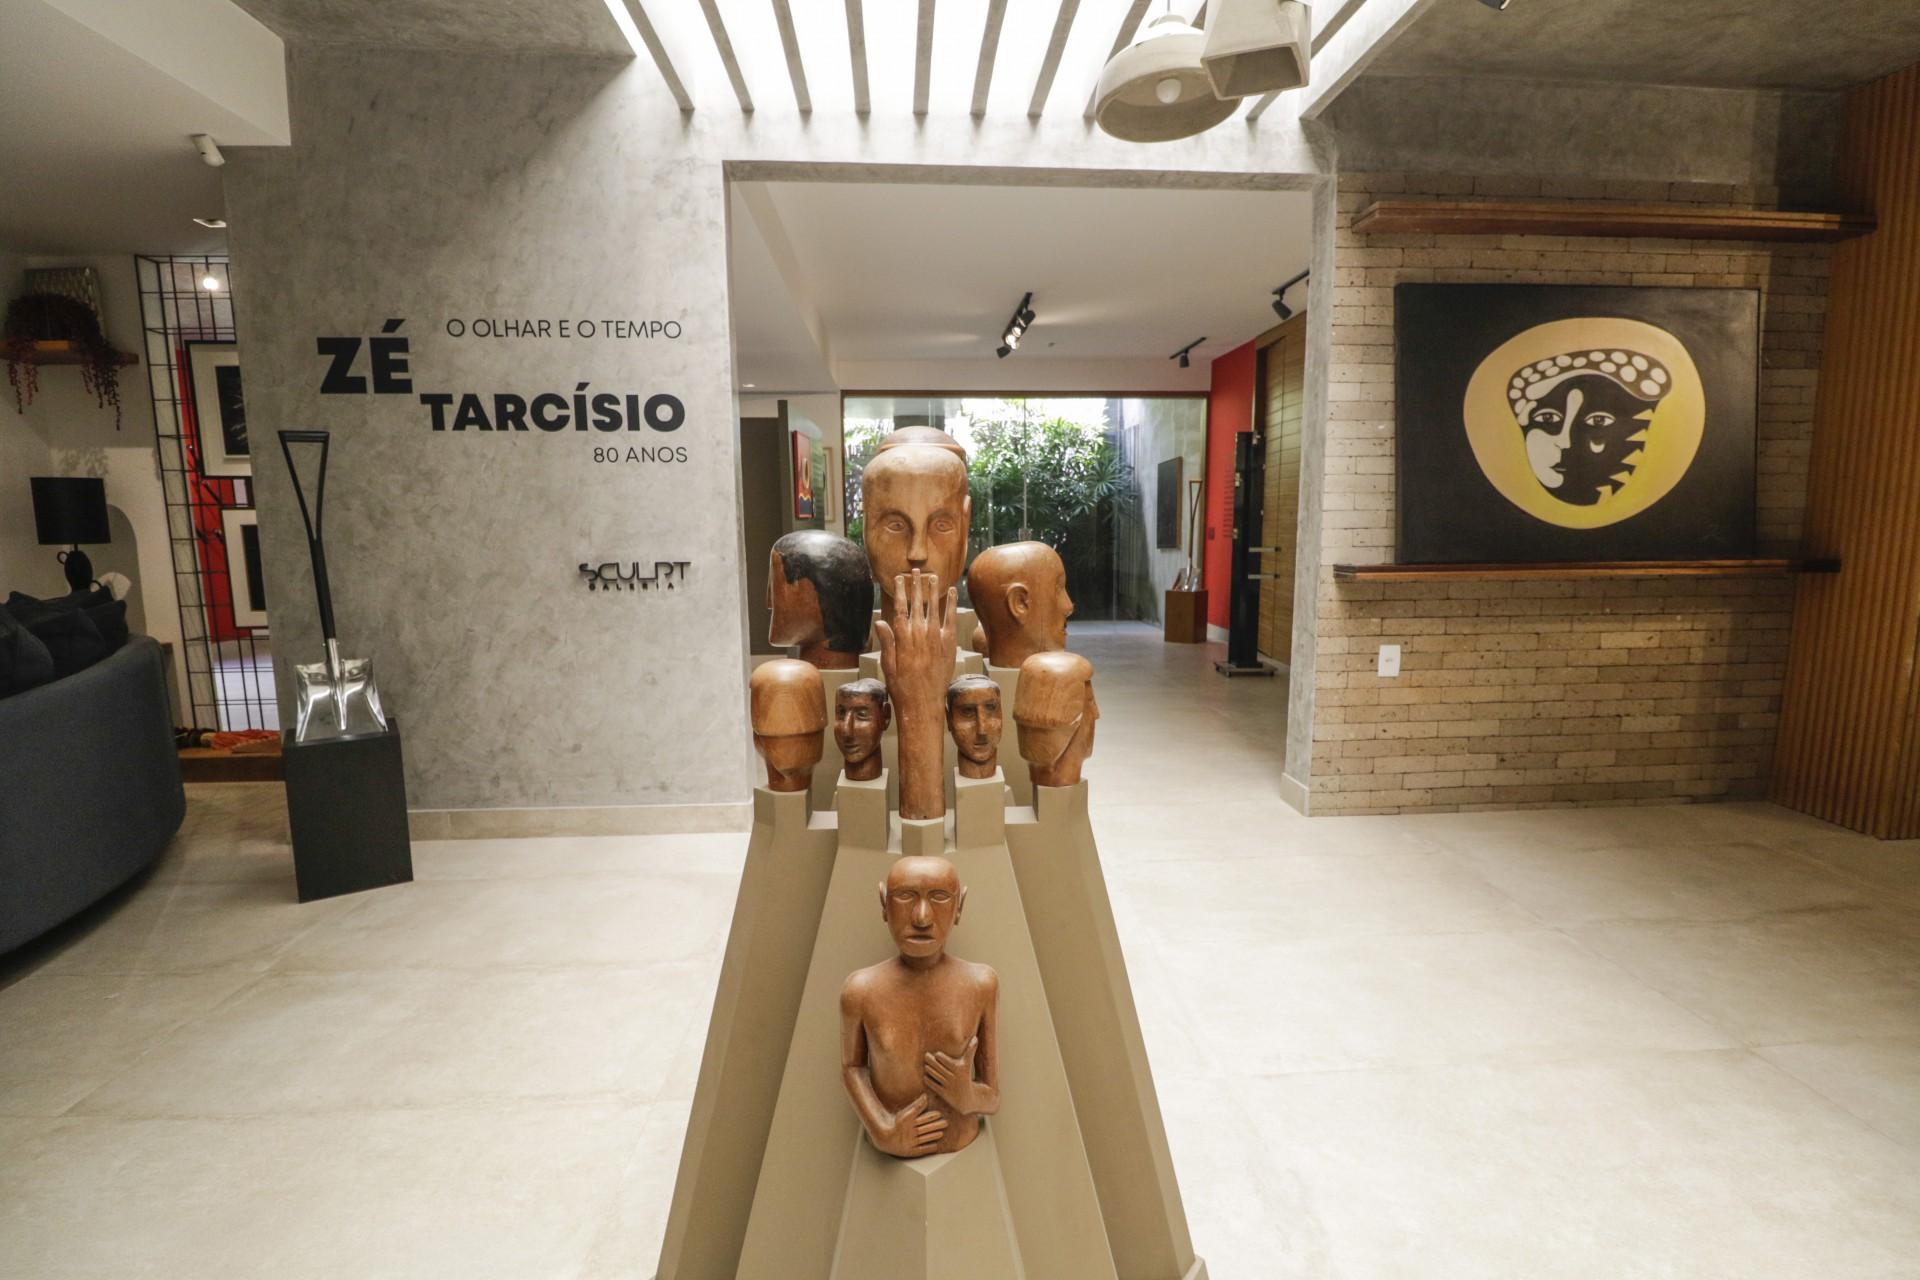 (Foto: Thais Mesquita)FORTALEZA, CE, BRASIL, 26.07.2021: Exposição do Artista Ze Tarcísio na Sculpt Galeria. A galeria fica dentro da loja de decoração Spazio, localizada na Rua Paula Ney, no bairro Aldeota. Entrada do espaço onde esta instalada na exposição de Zé Tarcísio (Thais Mesquita/OPOVO)